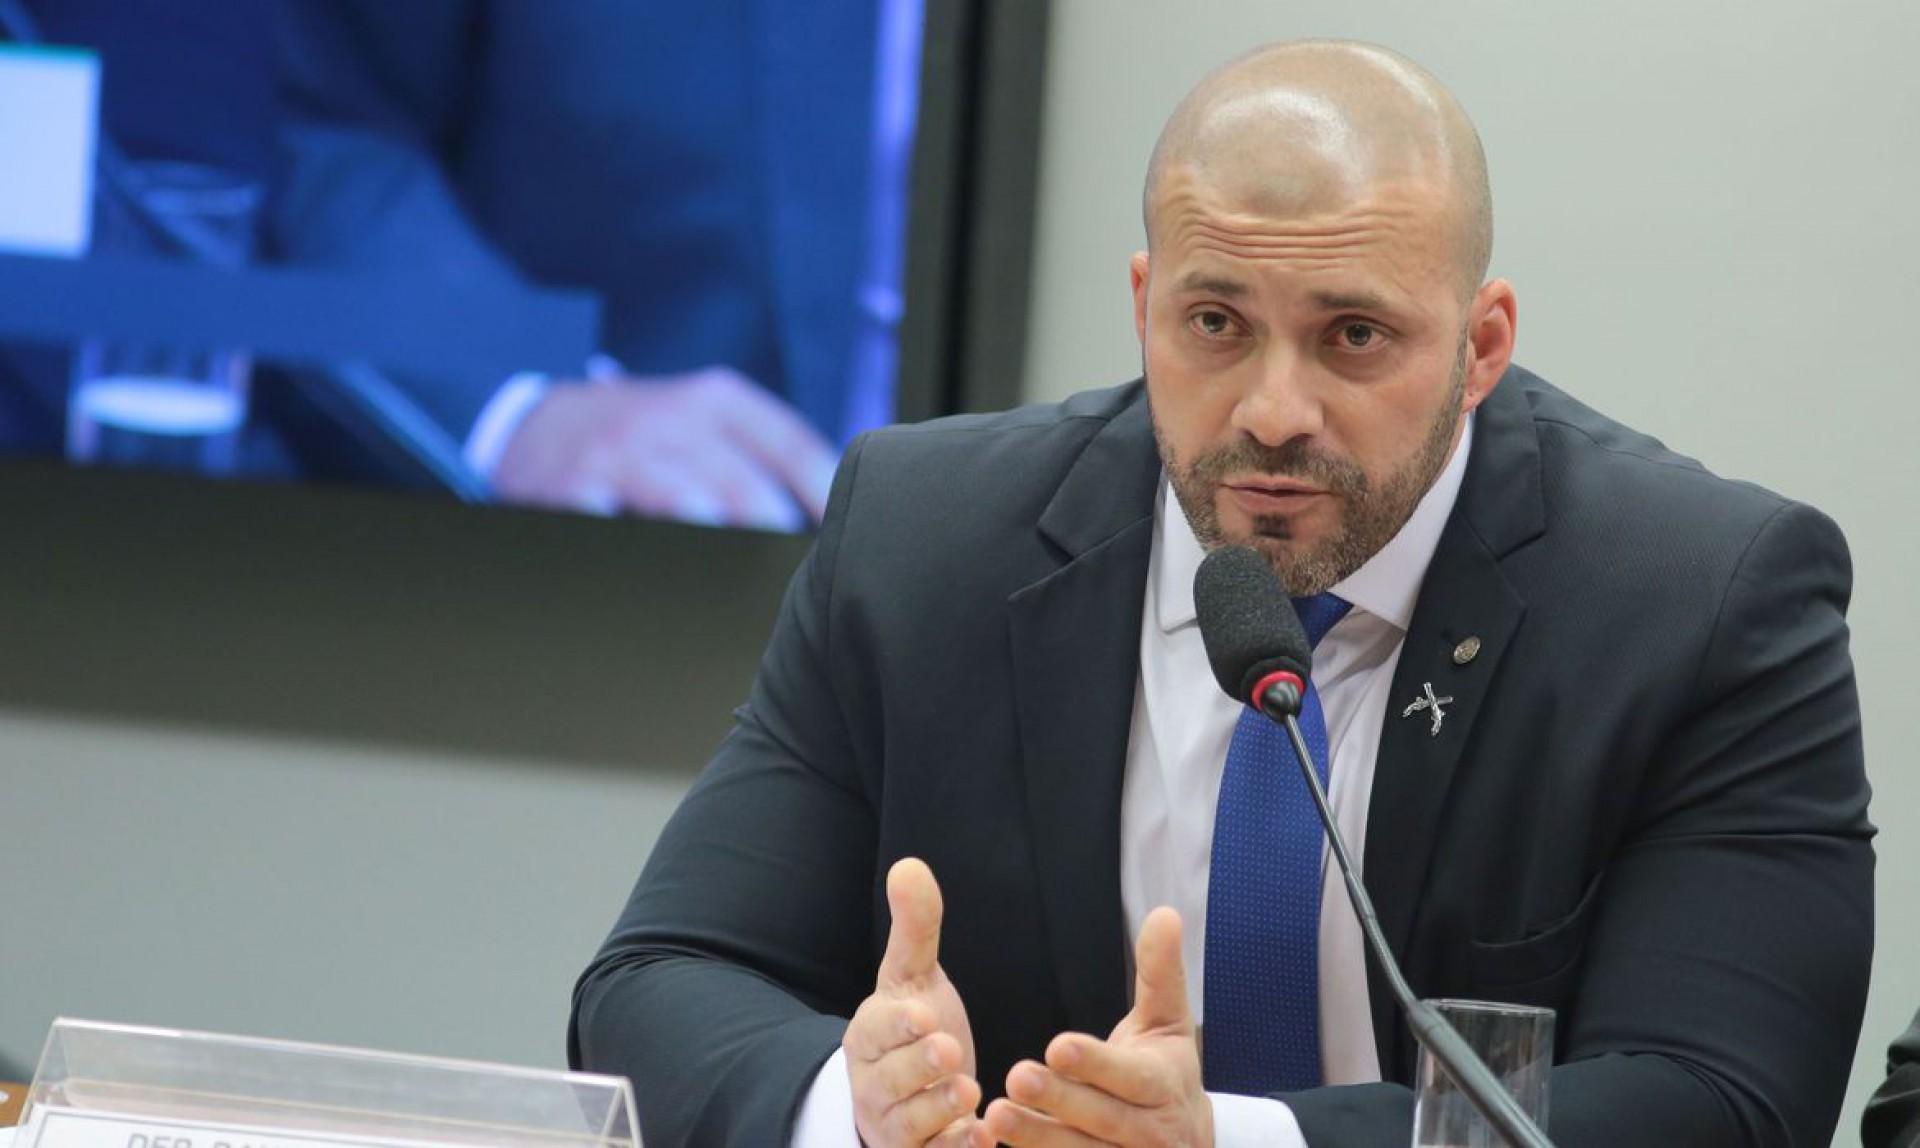 Daniel Silveira também é investigado no STF no inquérito das fake news e dos atos antidemocráticos (Foto: Plínio Xavier/Câmara dos Deputados)